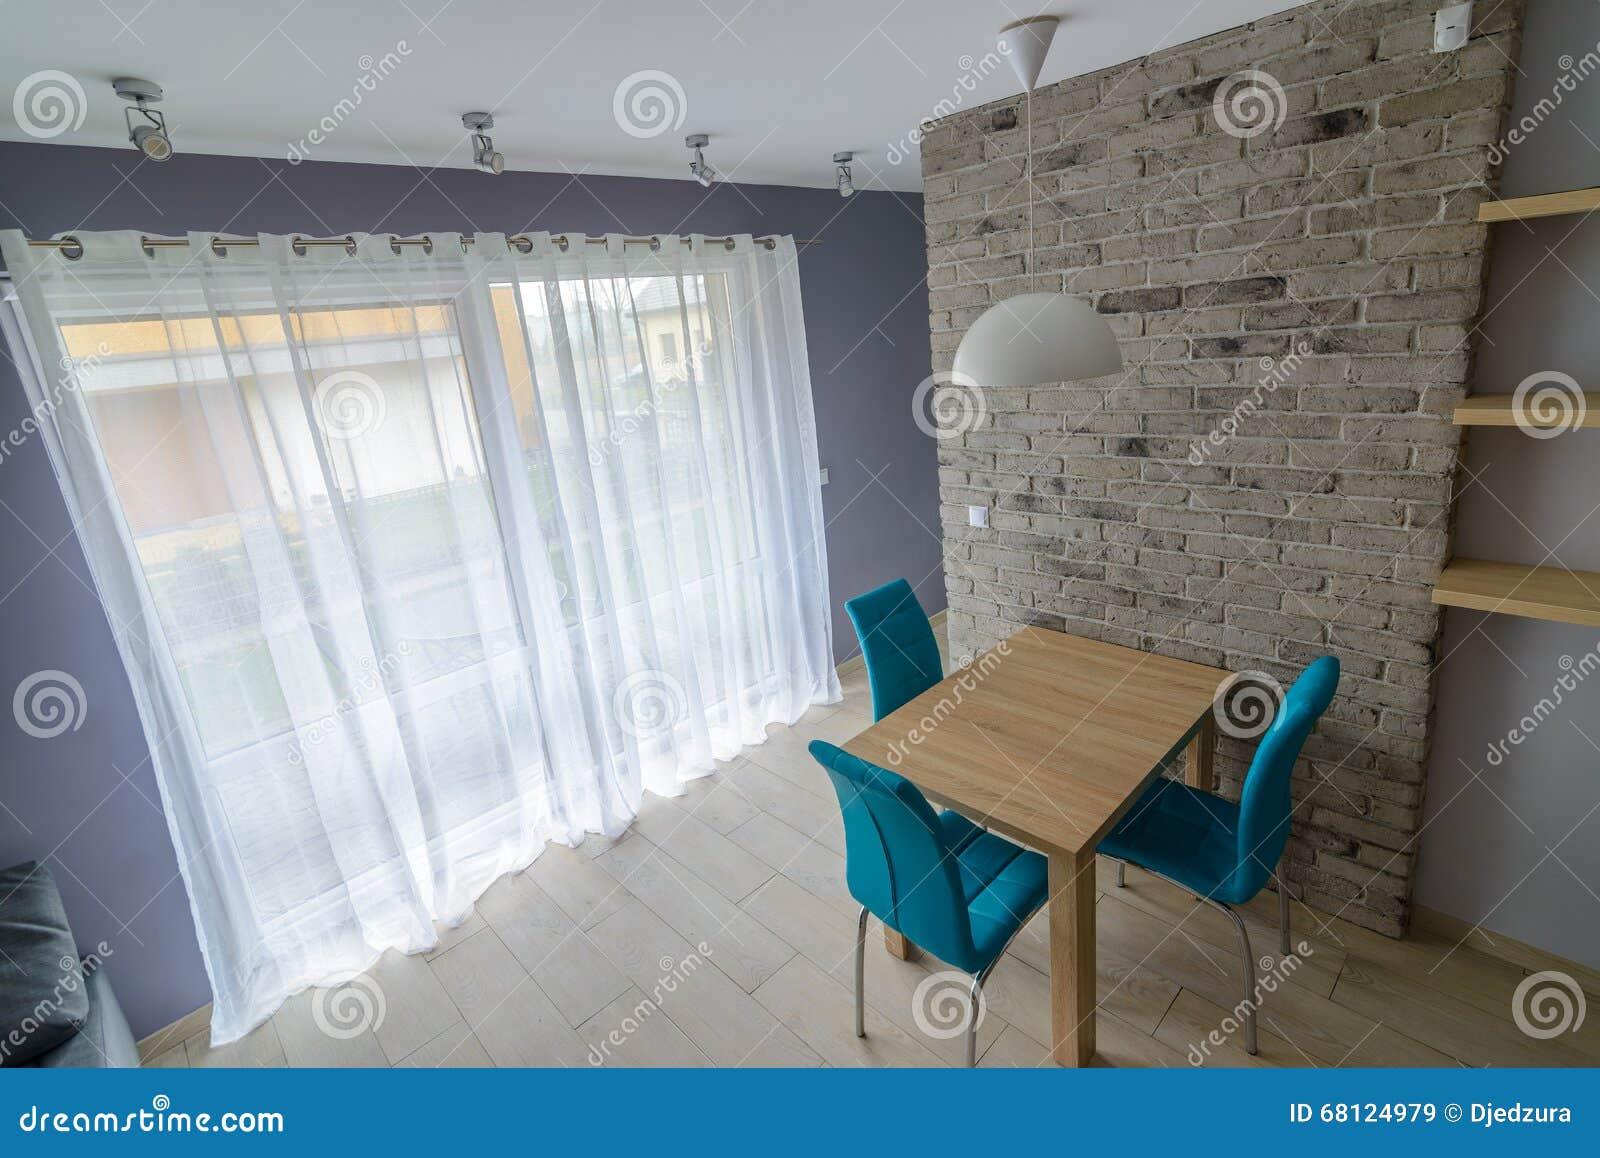 Eetkamer met oude grijze bakstenen muur stock afbeelding